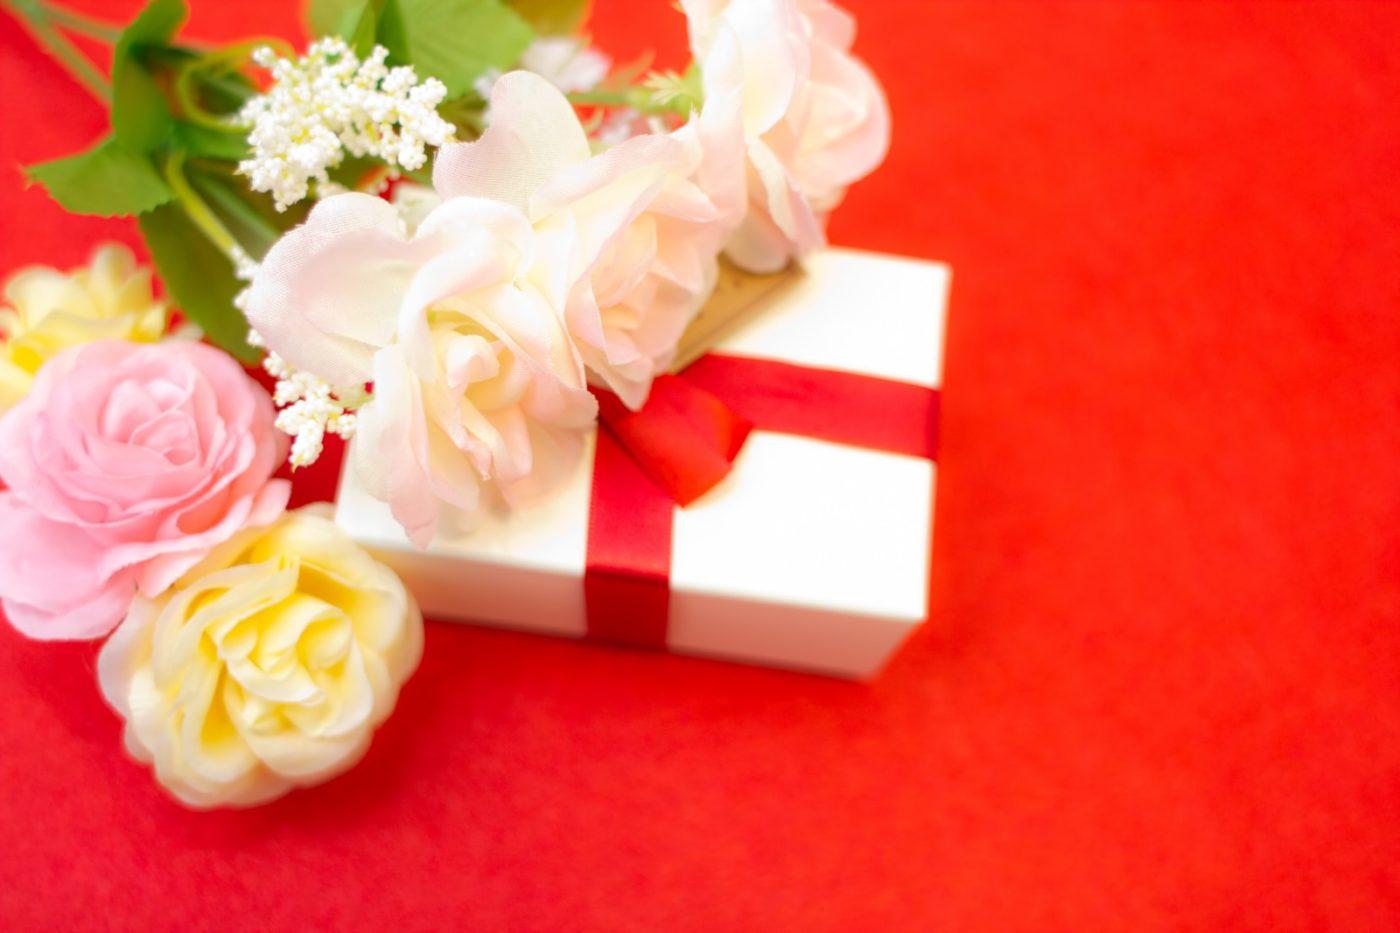 大切な人へのプレゼントにあげたい♪今人気の結婚祝いは